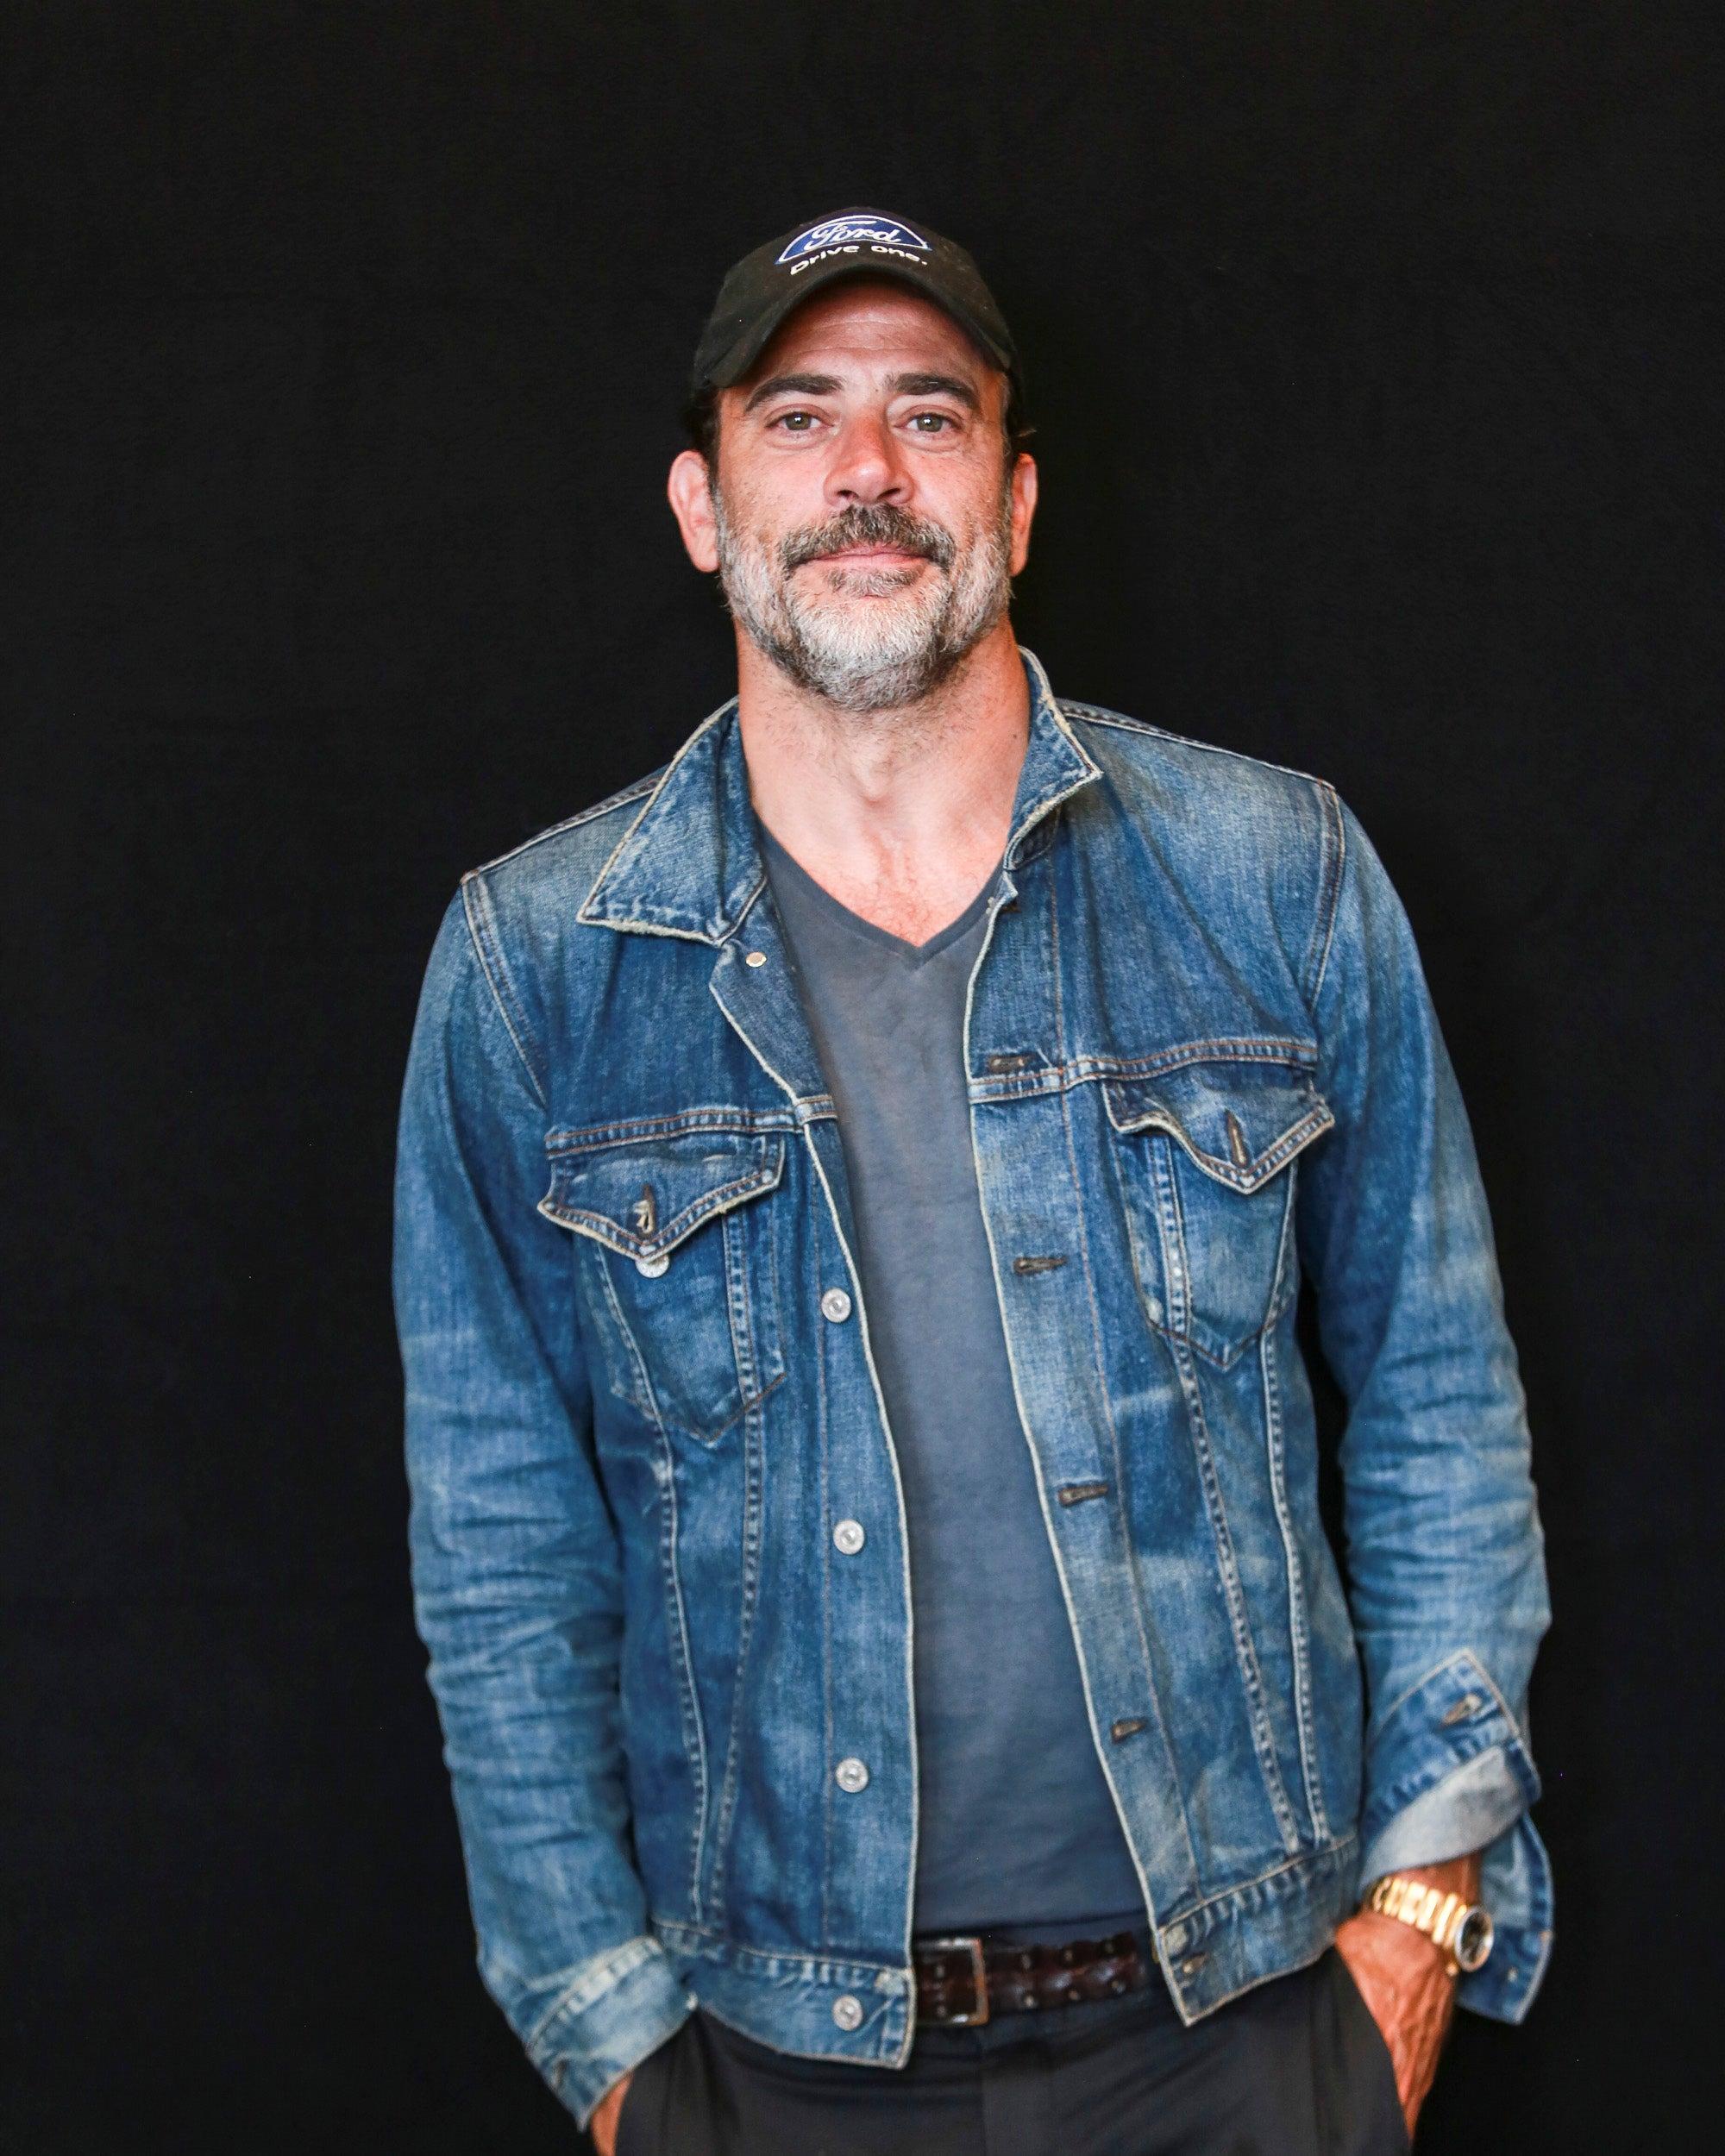 Actor Jeffrey Dean Morgan at Comic-Con 2016